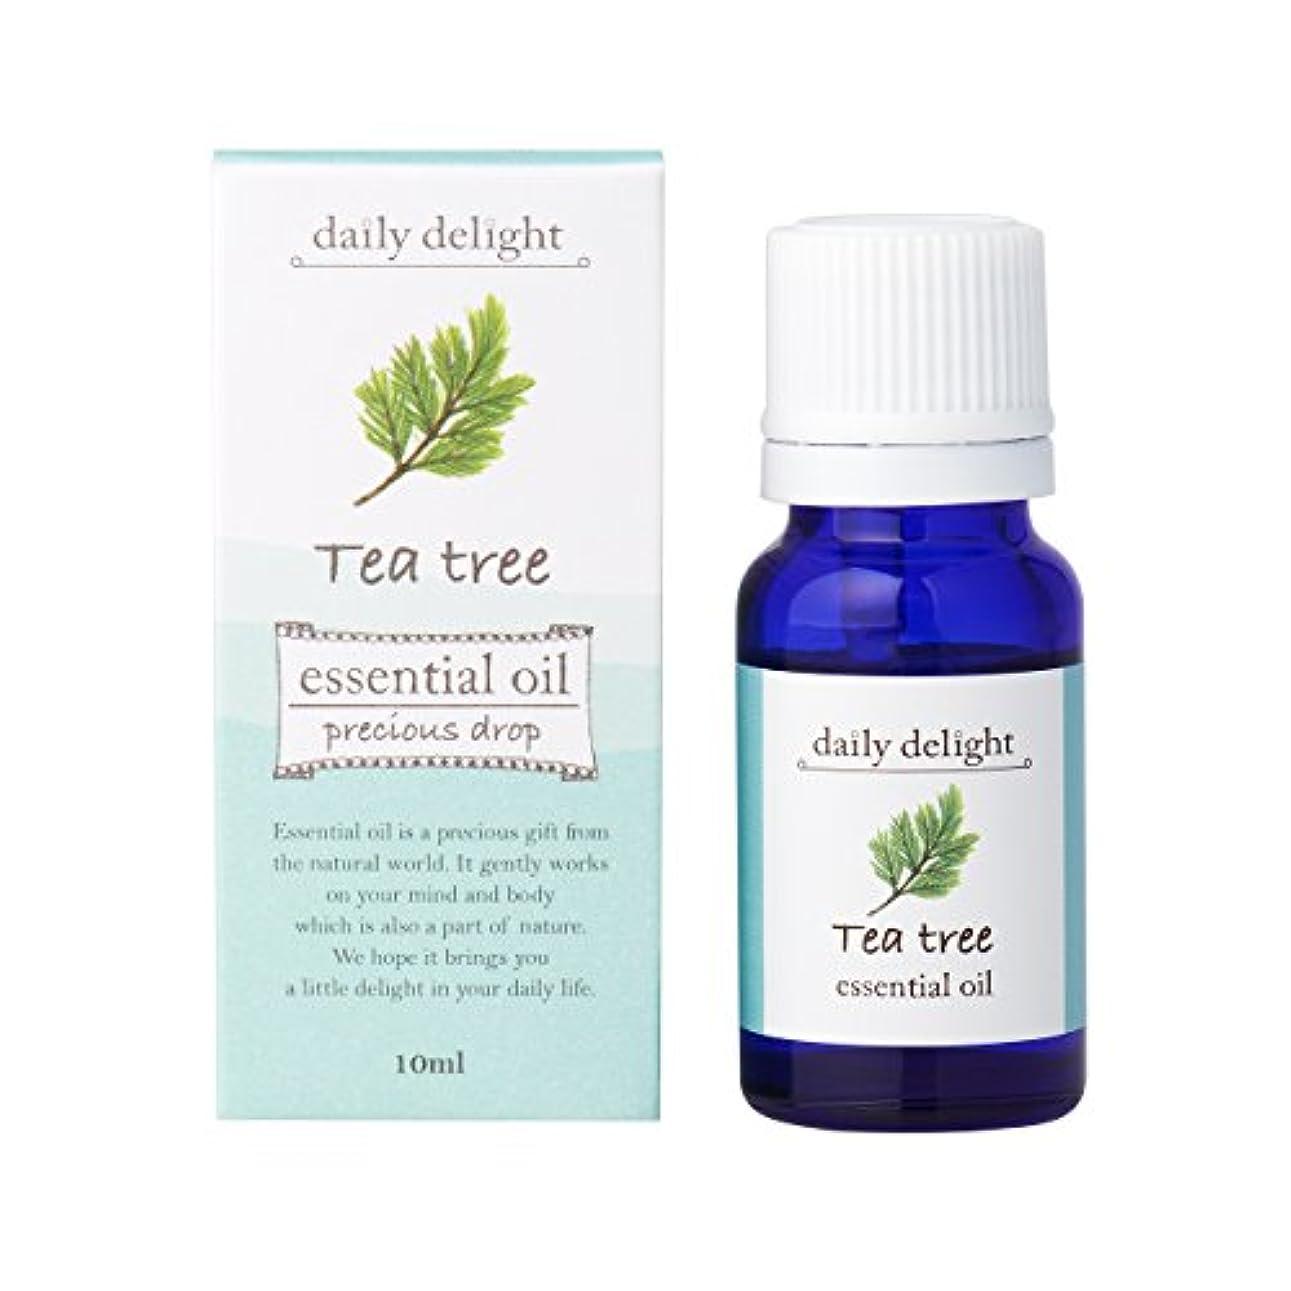 デイリーディライト エッセンシャルオイル  ティートゥリー 10ml(天然100% 精油 アロマ 樹木系 フレッシュですっきりとした香り)